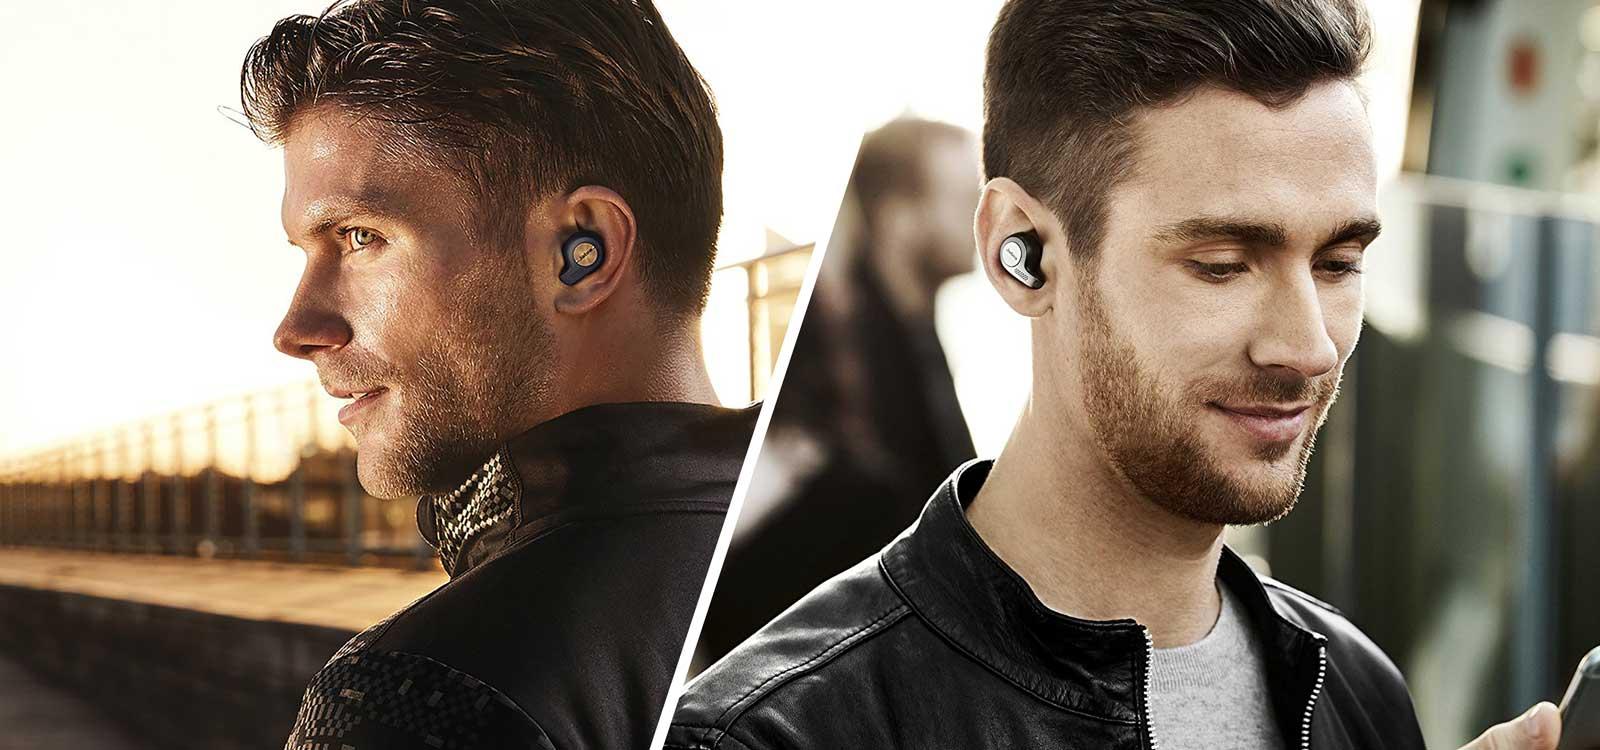 Best Wireless Fitness Earbuds 2019